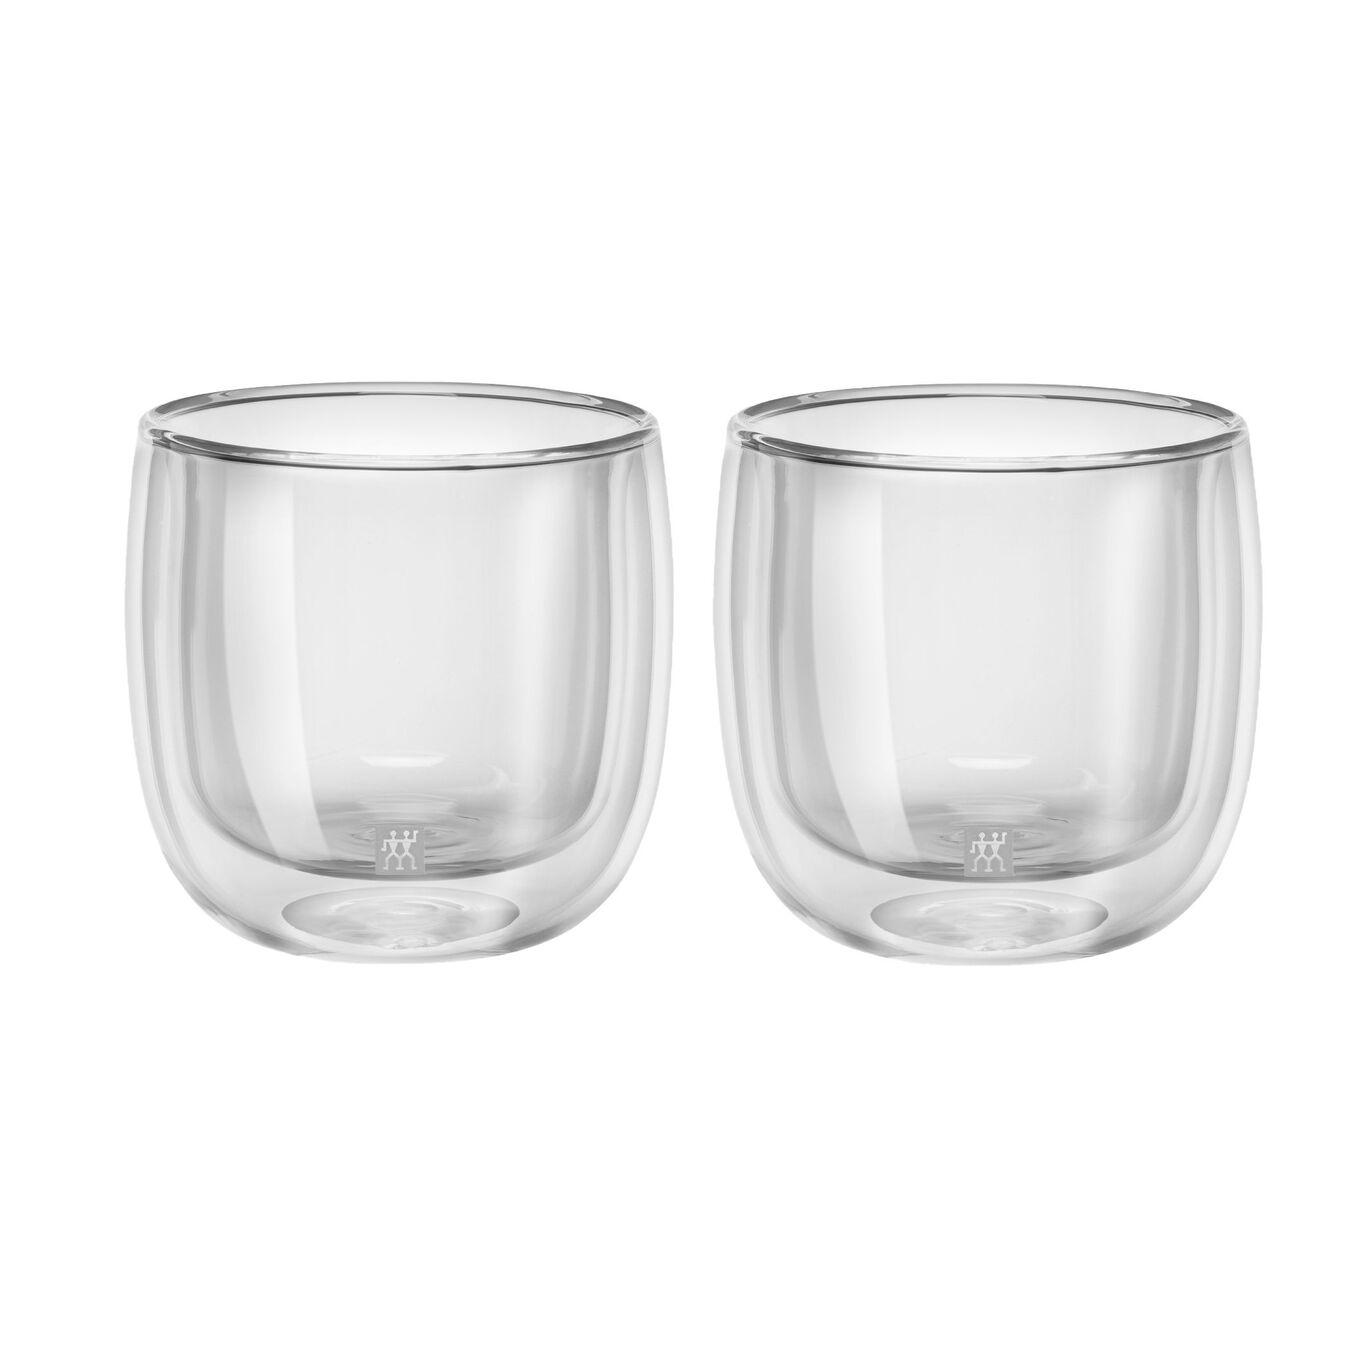 Teeglasset 250 ml,,large 1